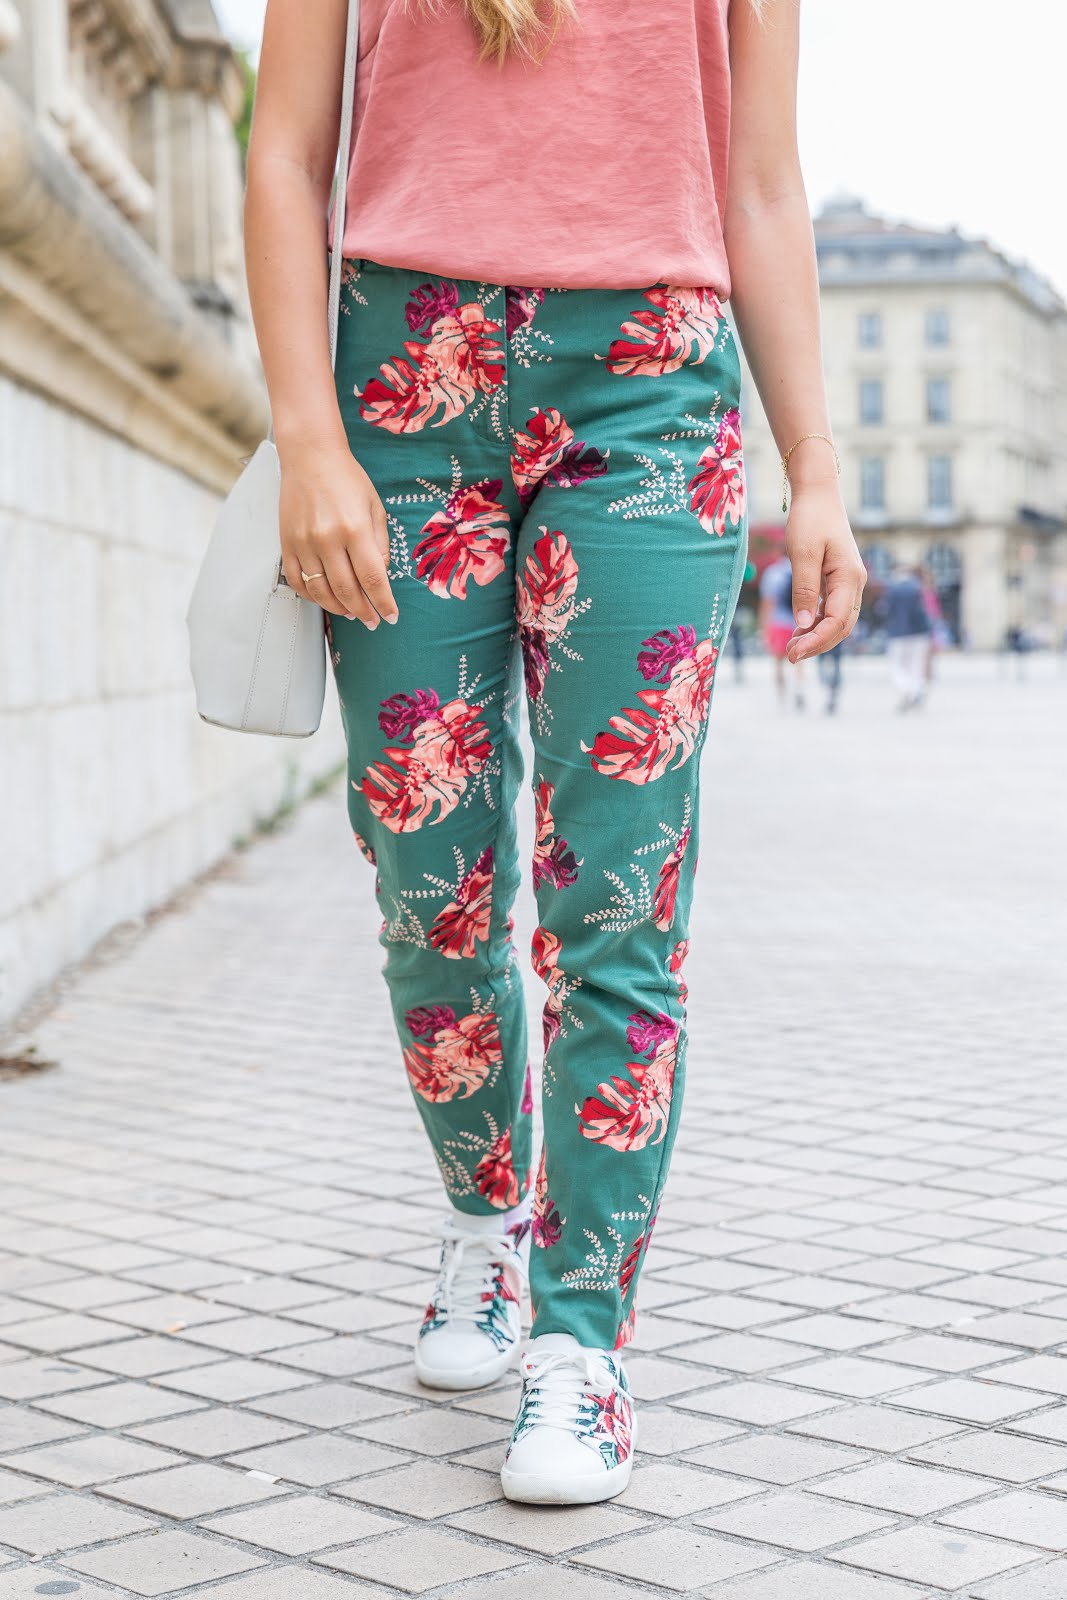 Pantalon à fleurs imprimé tropical en soldes La Redoute